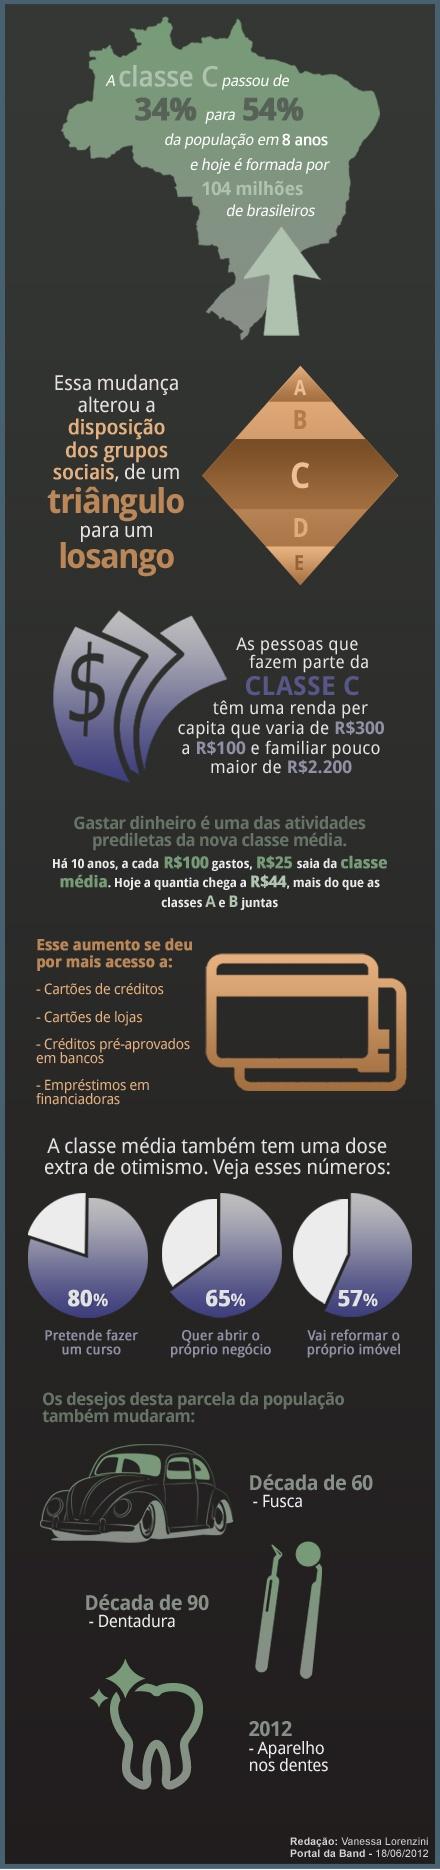 O Poder da Classe C [infografico]